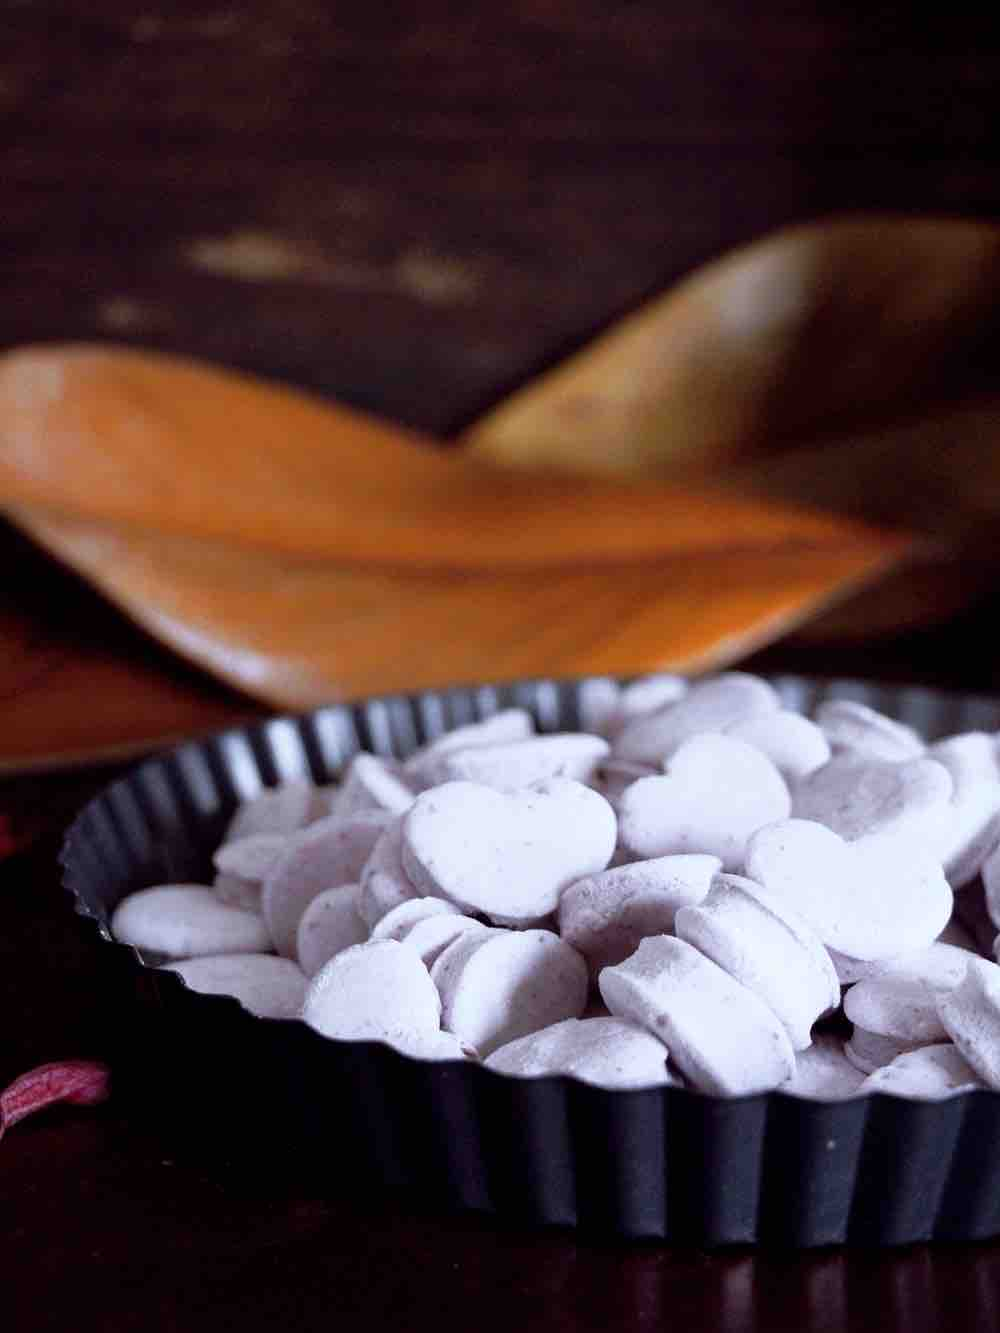 蓝莓爱心棉花糖的做法